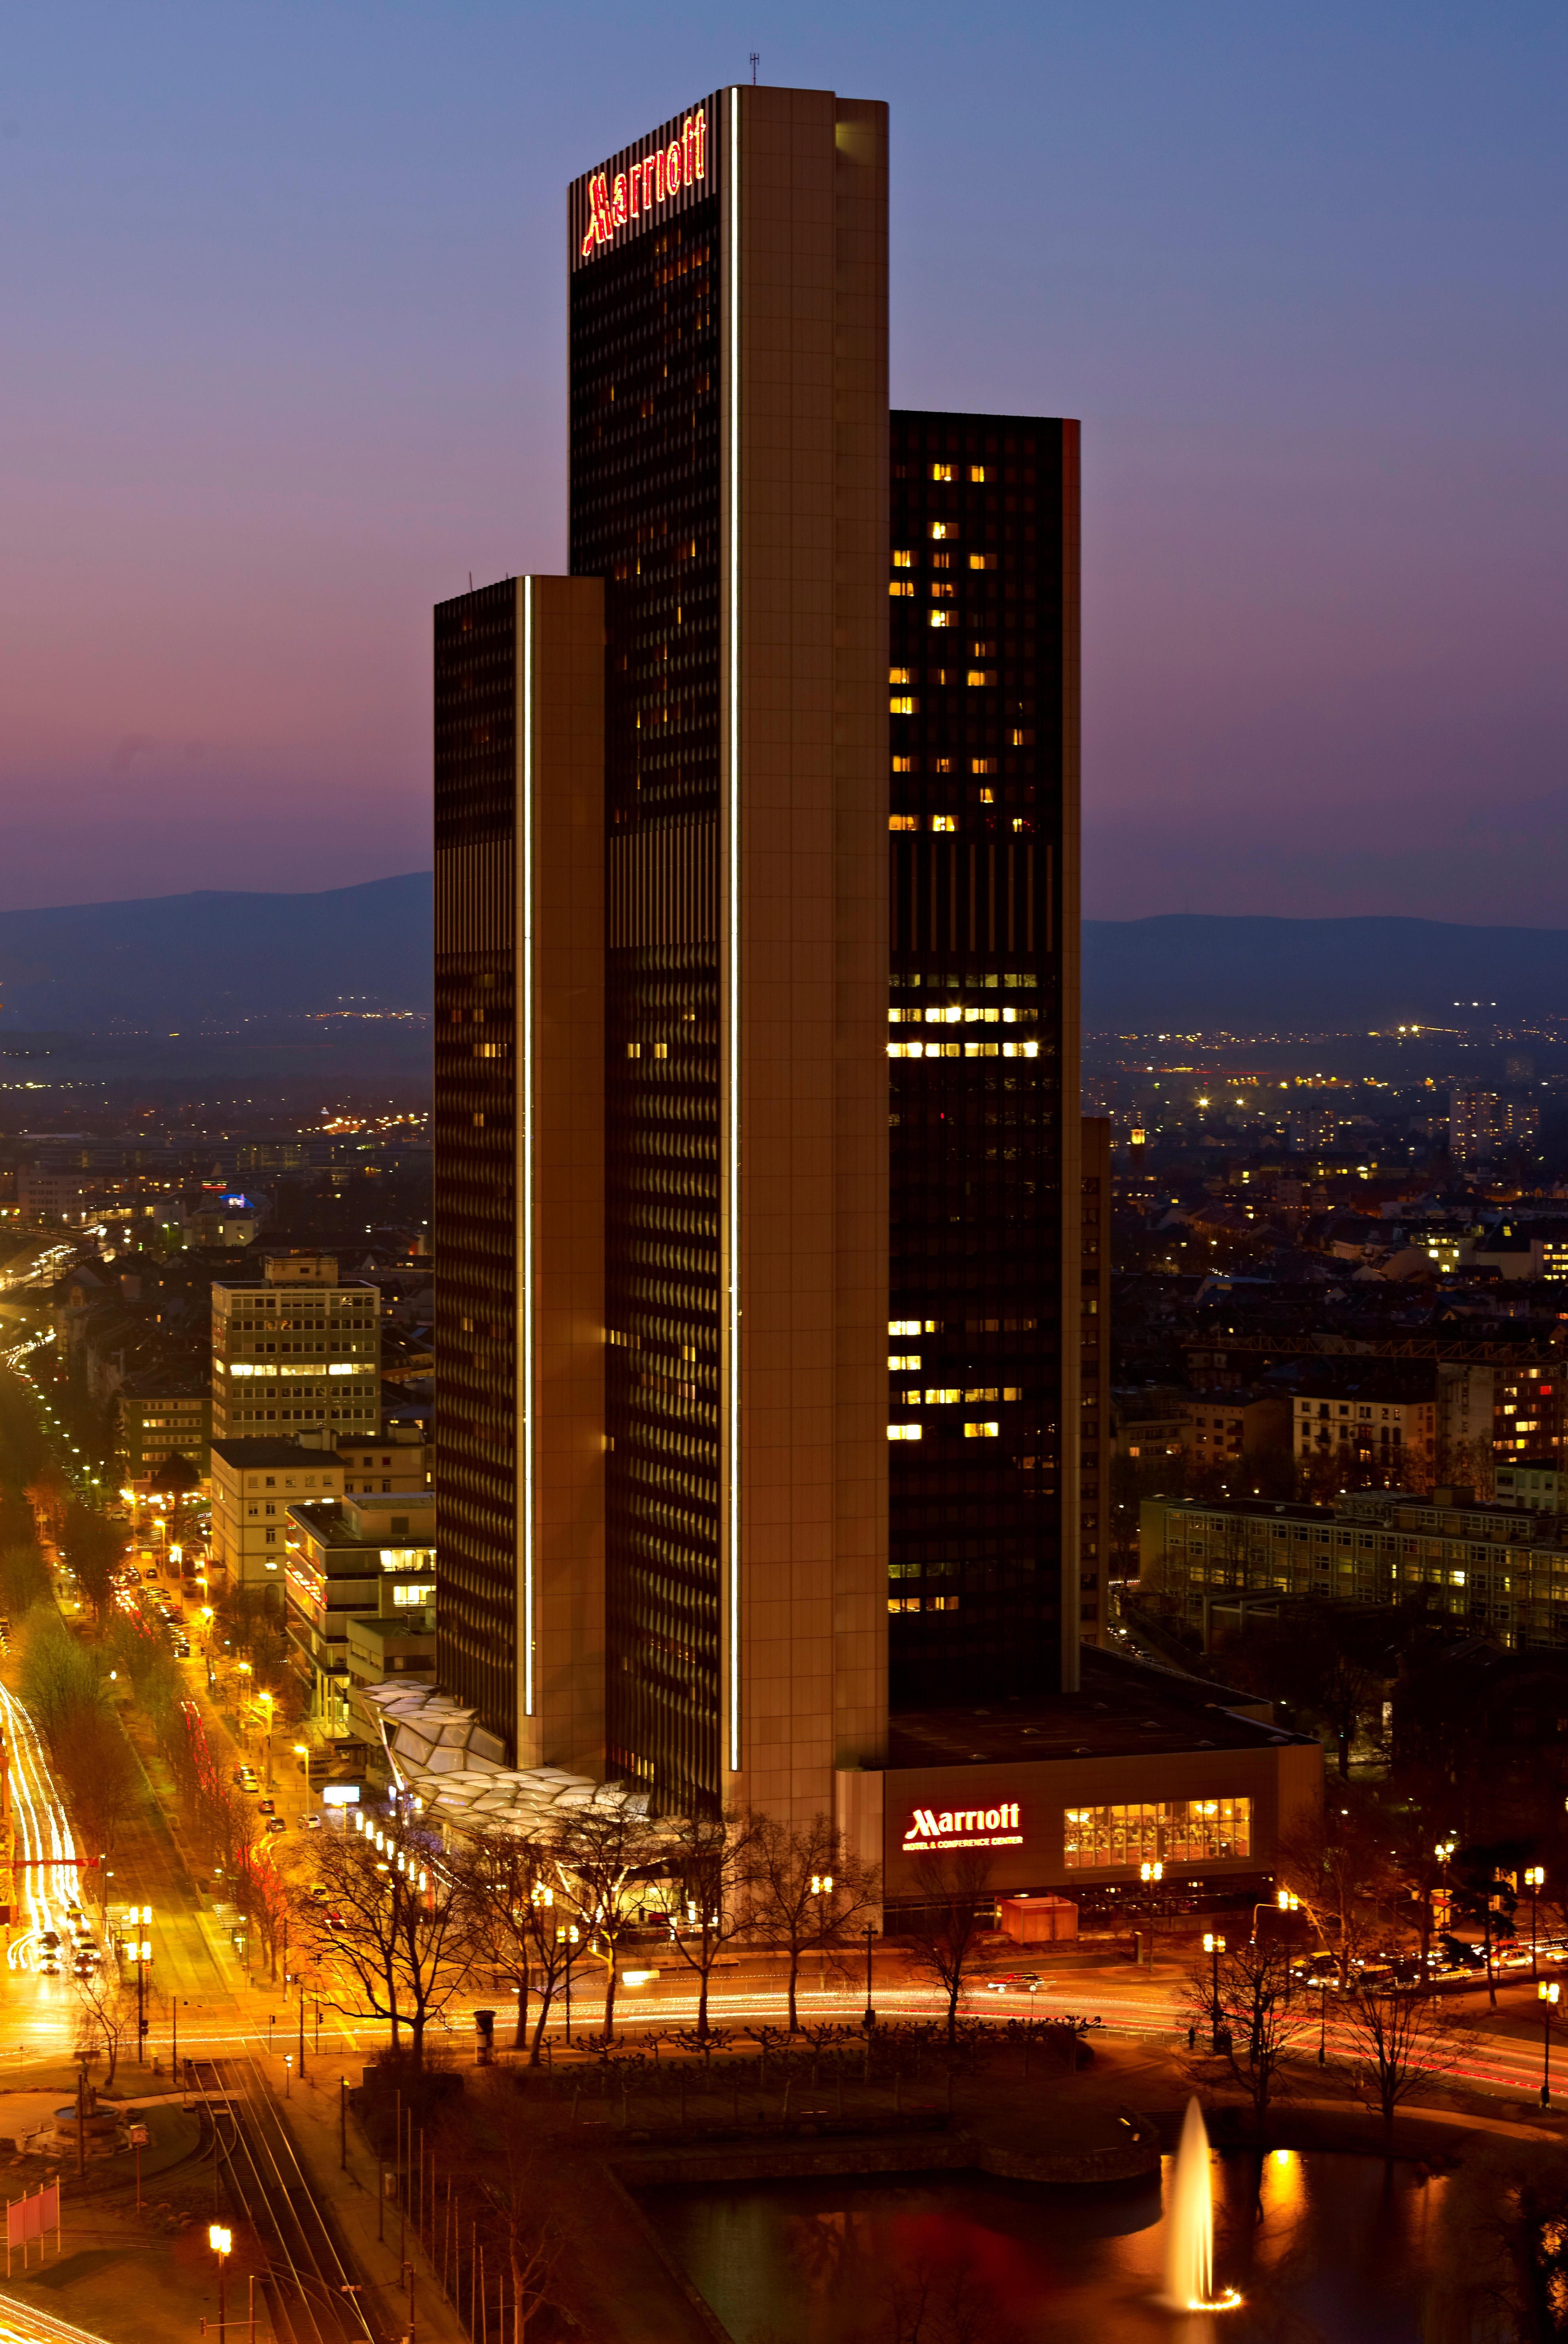 Marriott Hotel Hamburger Allee